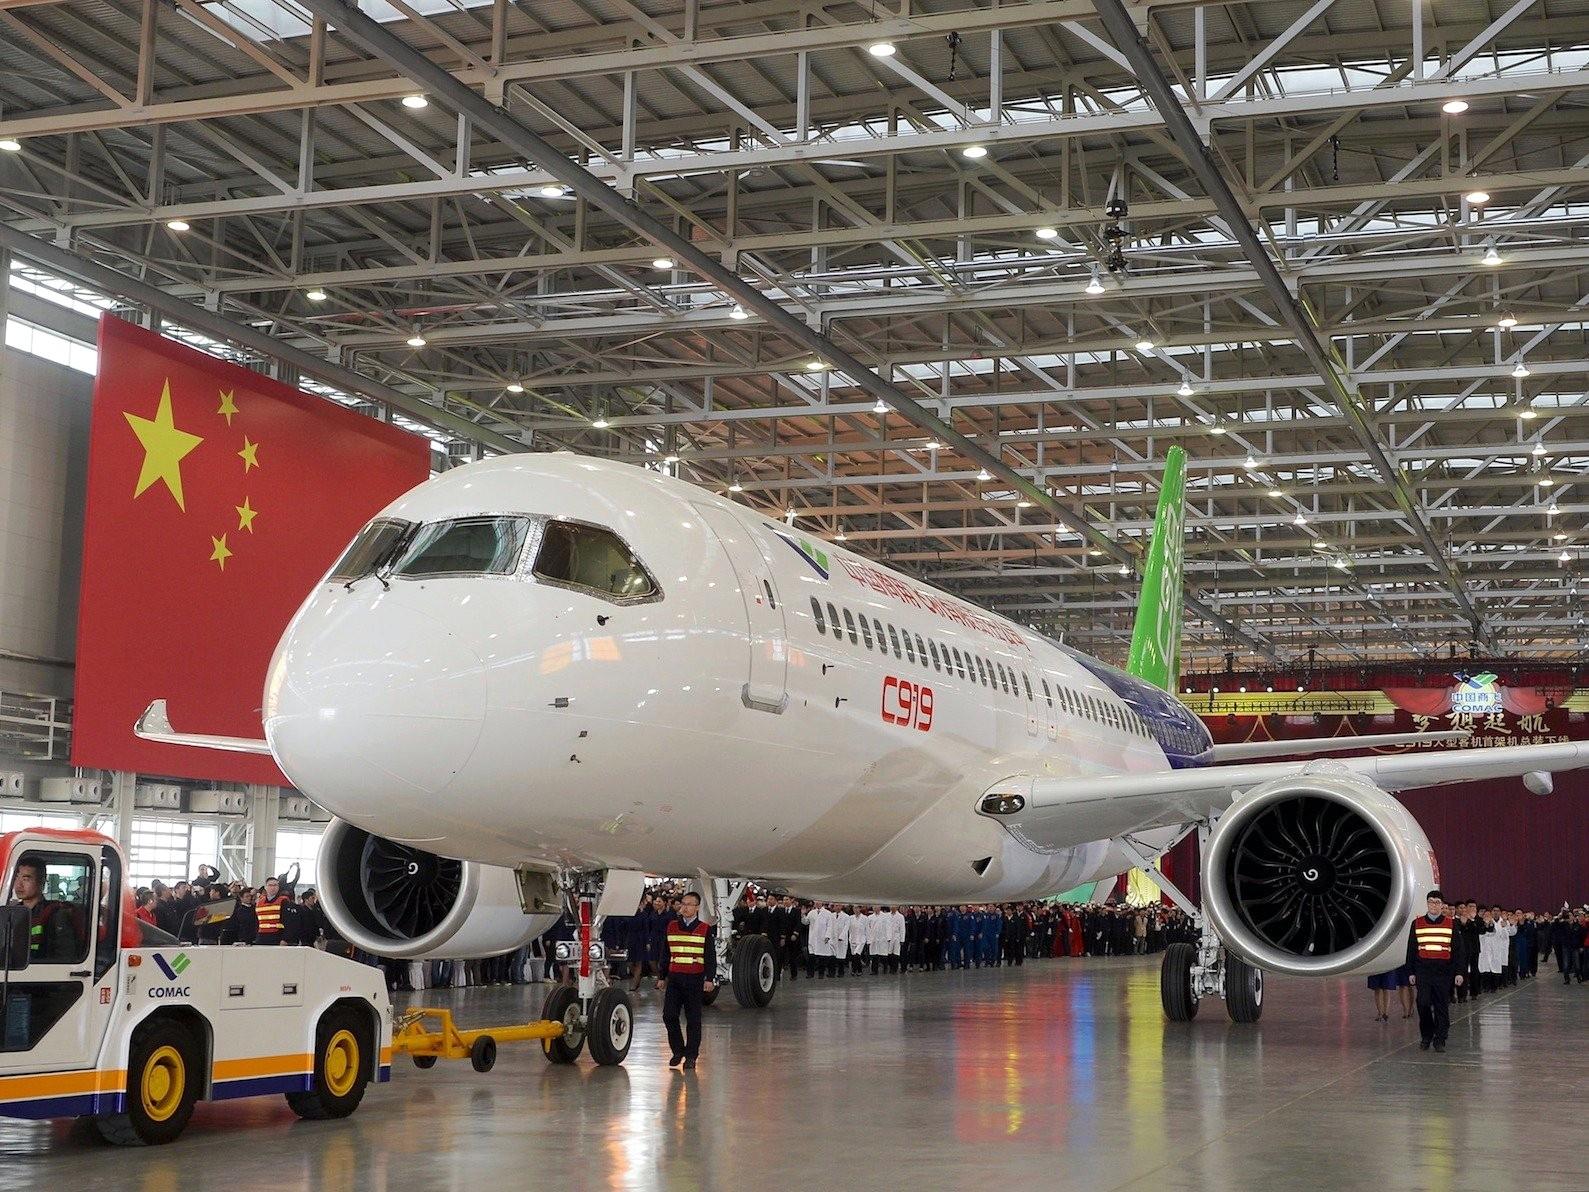 Китайский самолет экстренно сел в столице из-за членовредительства пассажира